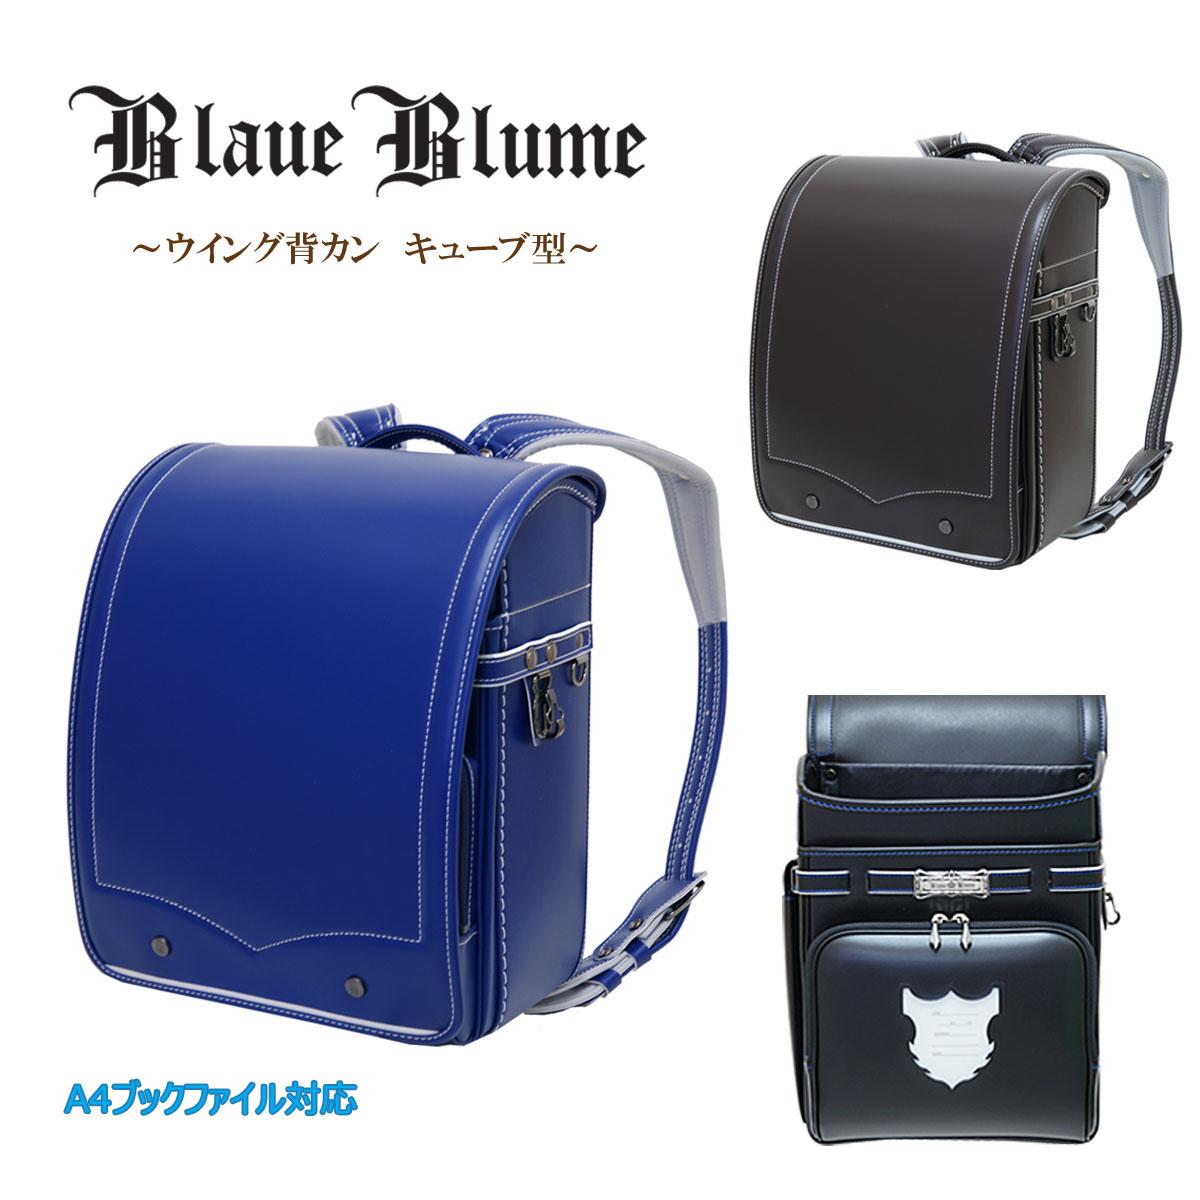 お買得セール! ランドセル 男の子 ボーイズ blaue Blume ブラウエ ブルーメ パールトーン スーパータフガードクール キューブ型 ウイング背カン 百貨店モデル 人工皮革 0185-8202 MADE IN JAPAN(日本製)